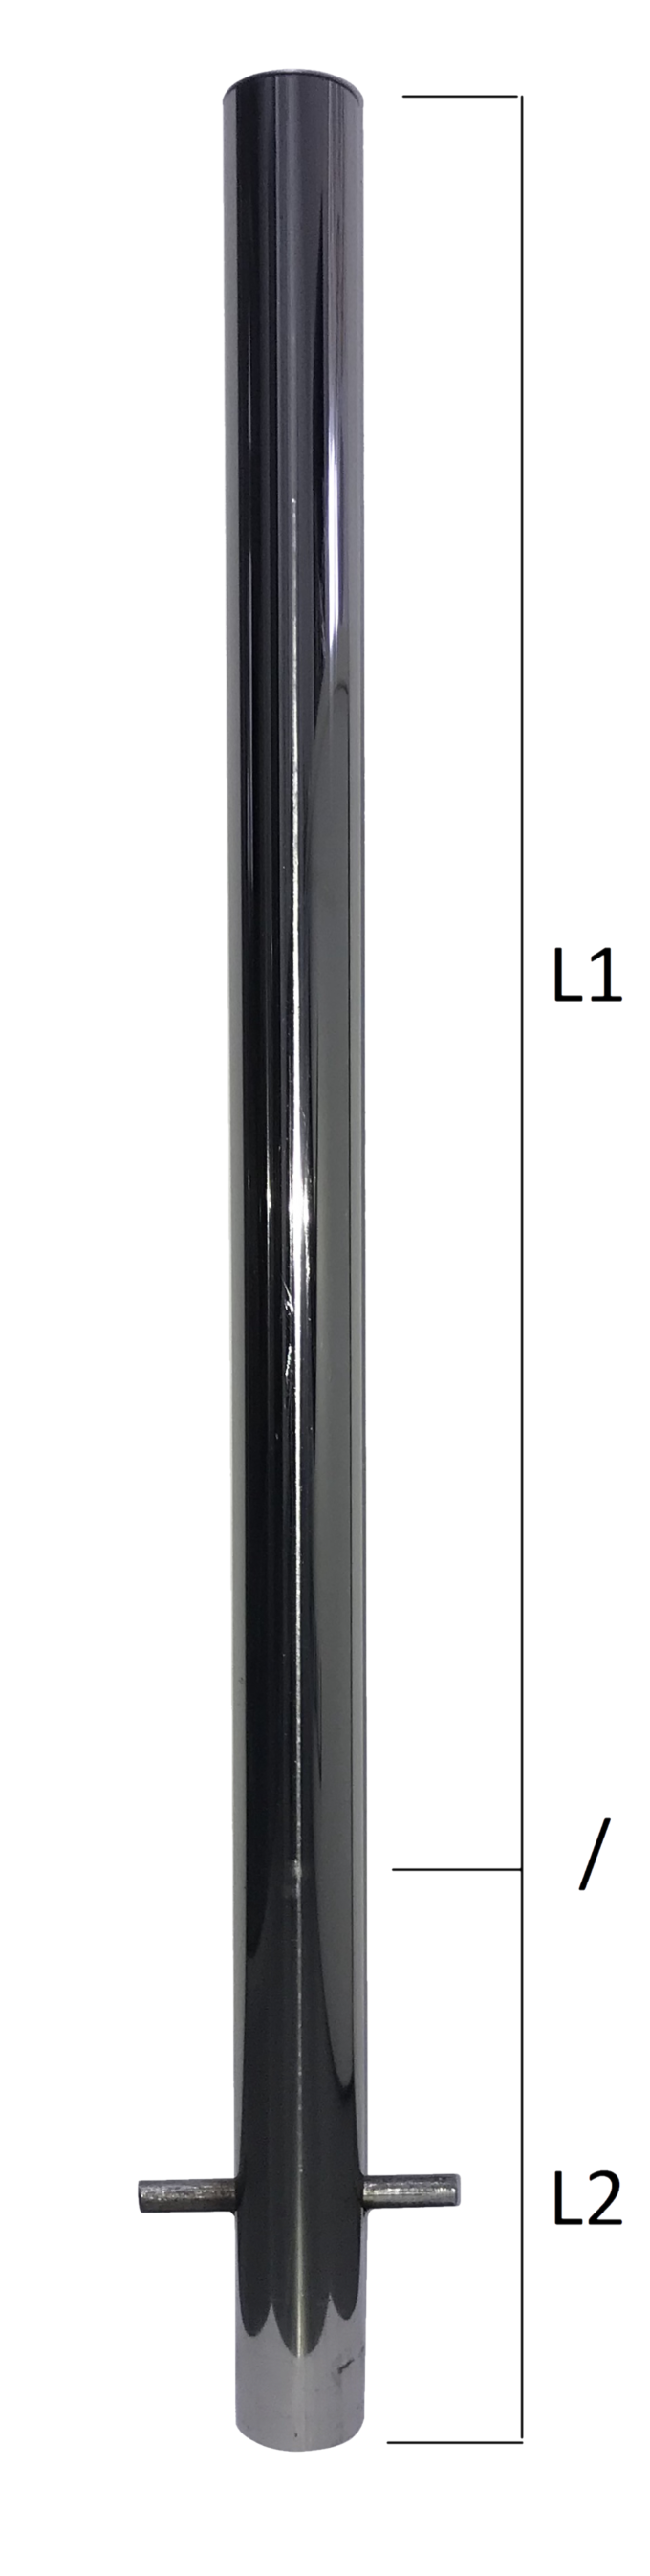 Боллард URB-BS.02 из нержавеющей стали